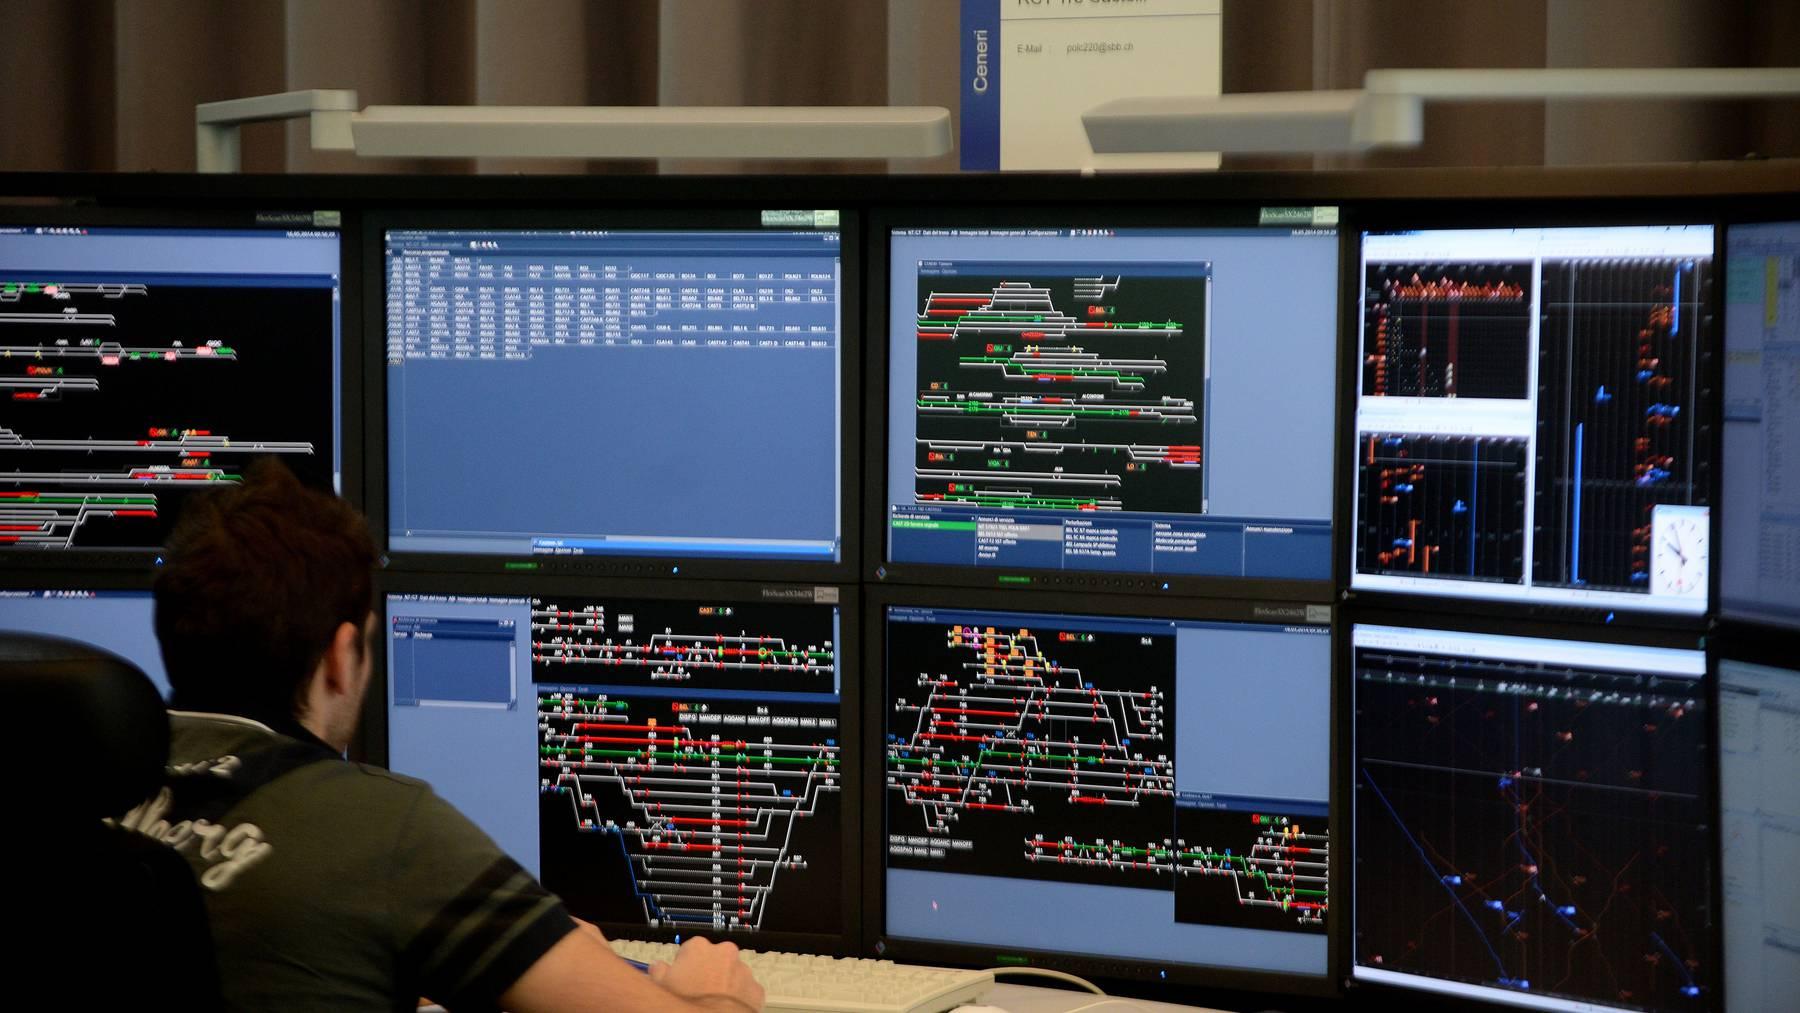 Mit dem Programm Smartrail 4.0 wollen die Bahnunternehmen Bahnen das Bahnsystem in der Schweiz bis 2040 modernisieren